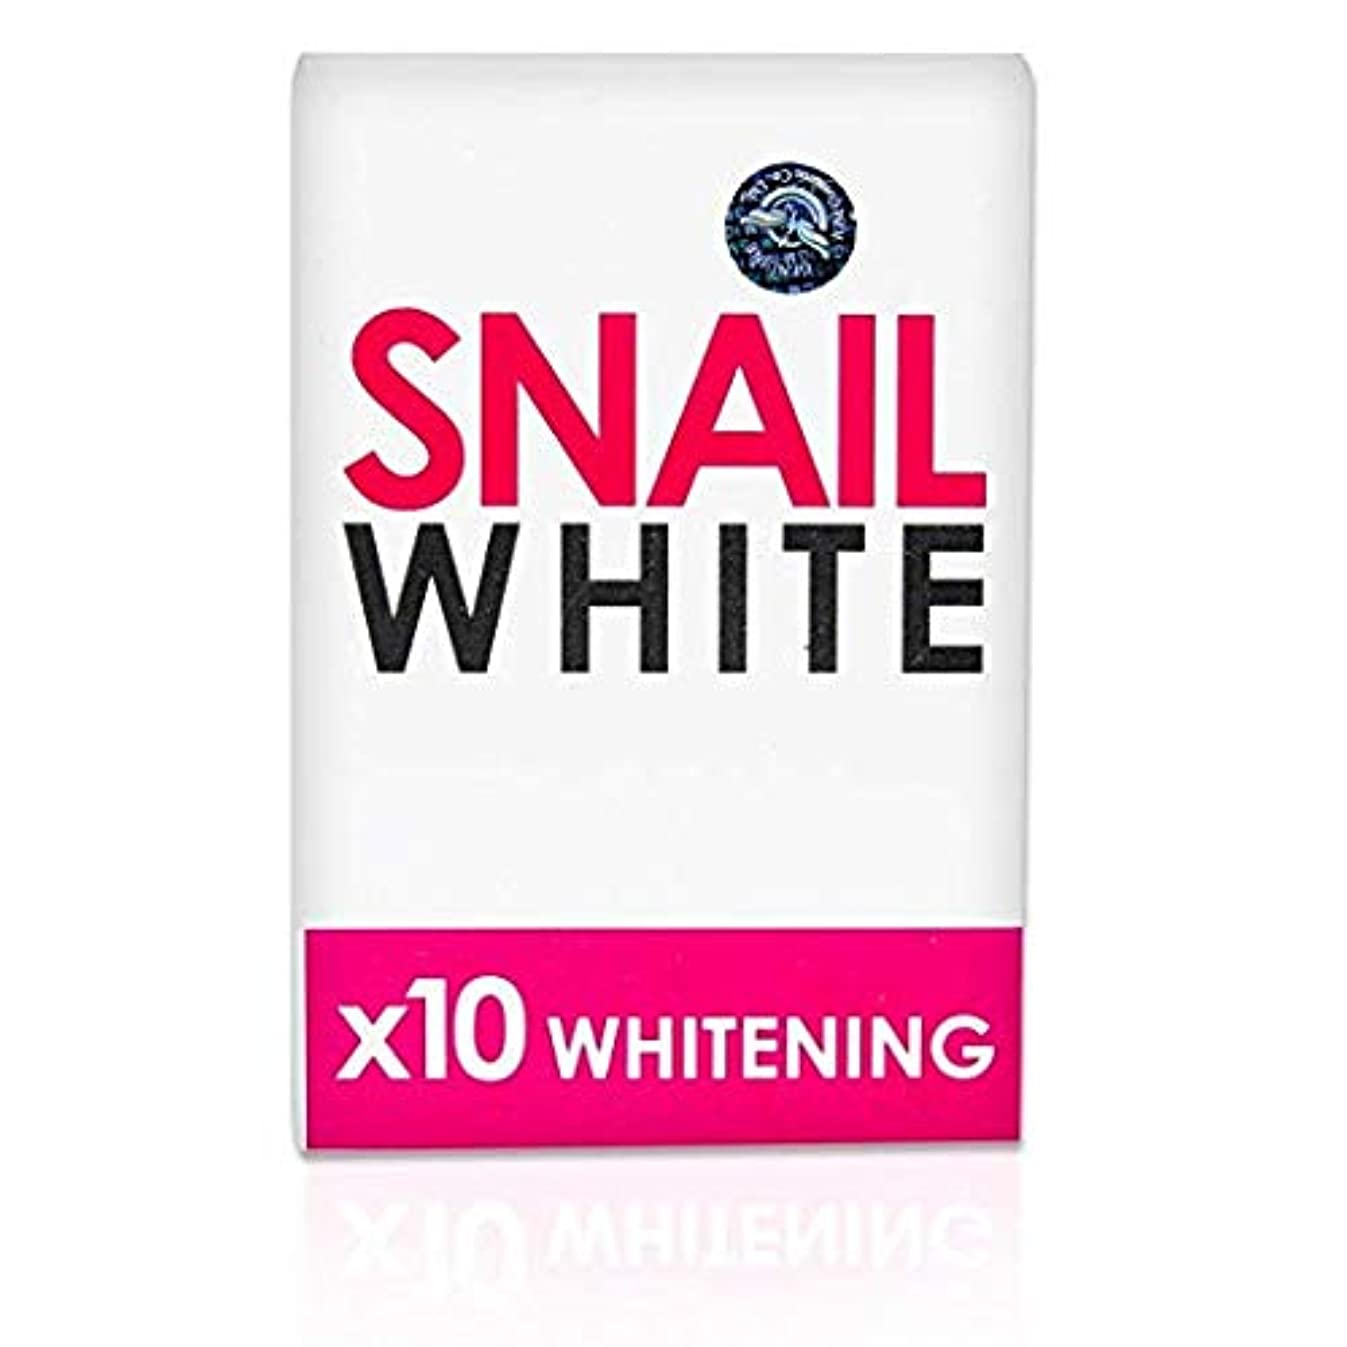 分類葡萄透過性スネイルホワイト Gluta Snail White x10 Whitening by Dream ホワイトニング 固形石鹸 2個